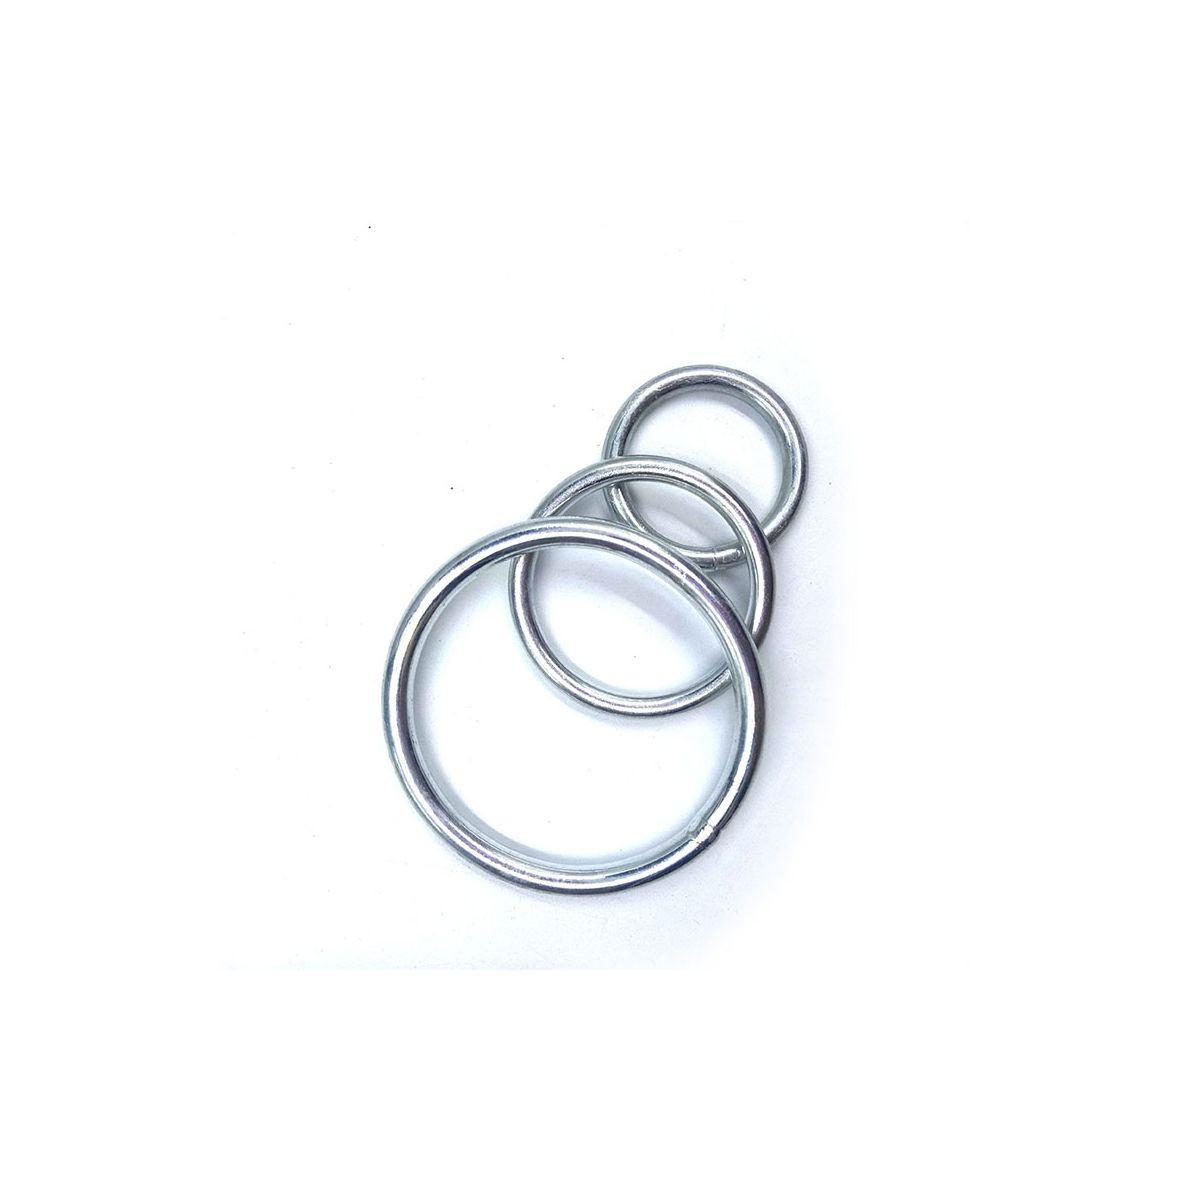 Welded Ring